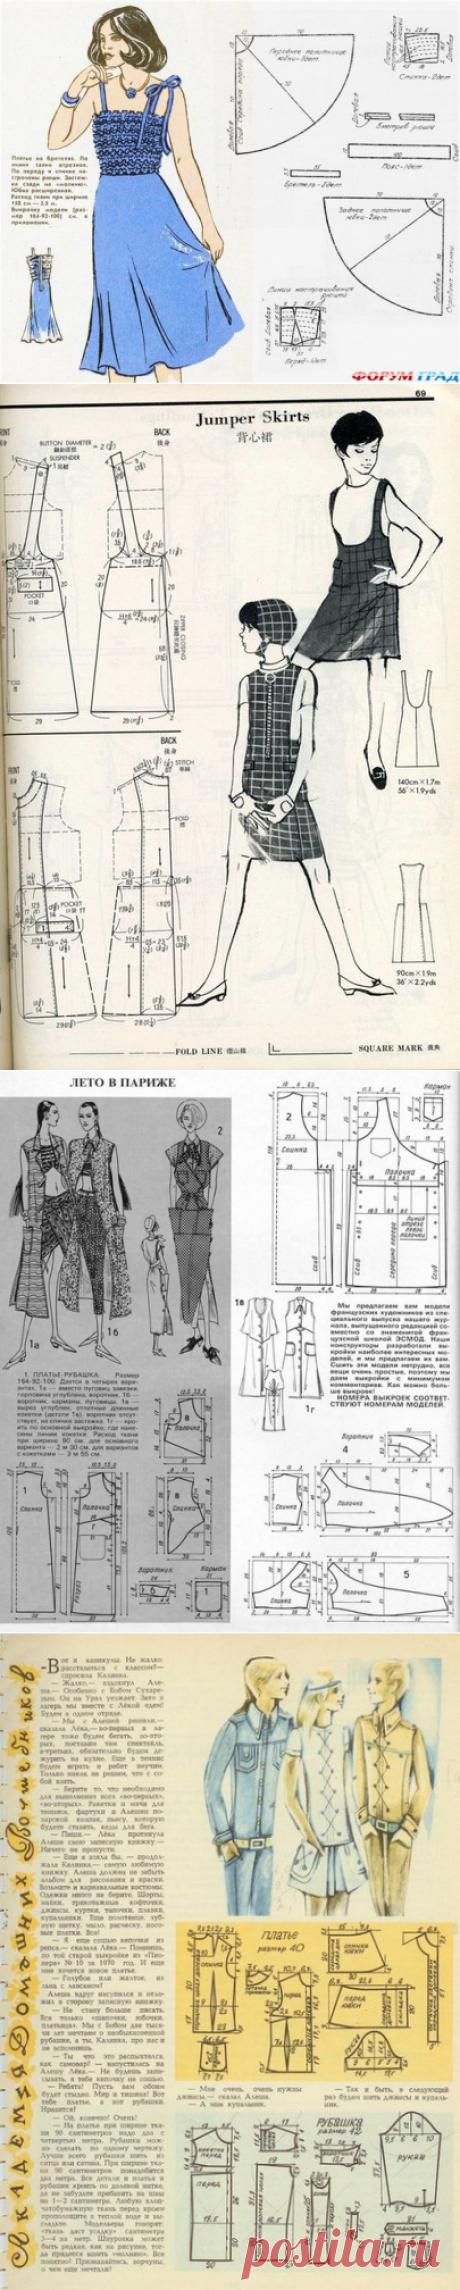 Ателье дизайнерской одежды: шитье, крой, вязание.Ретро-выкройки из старых журналов